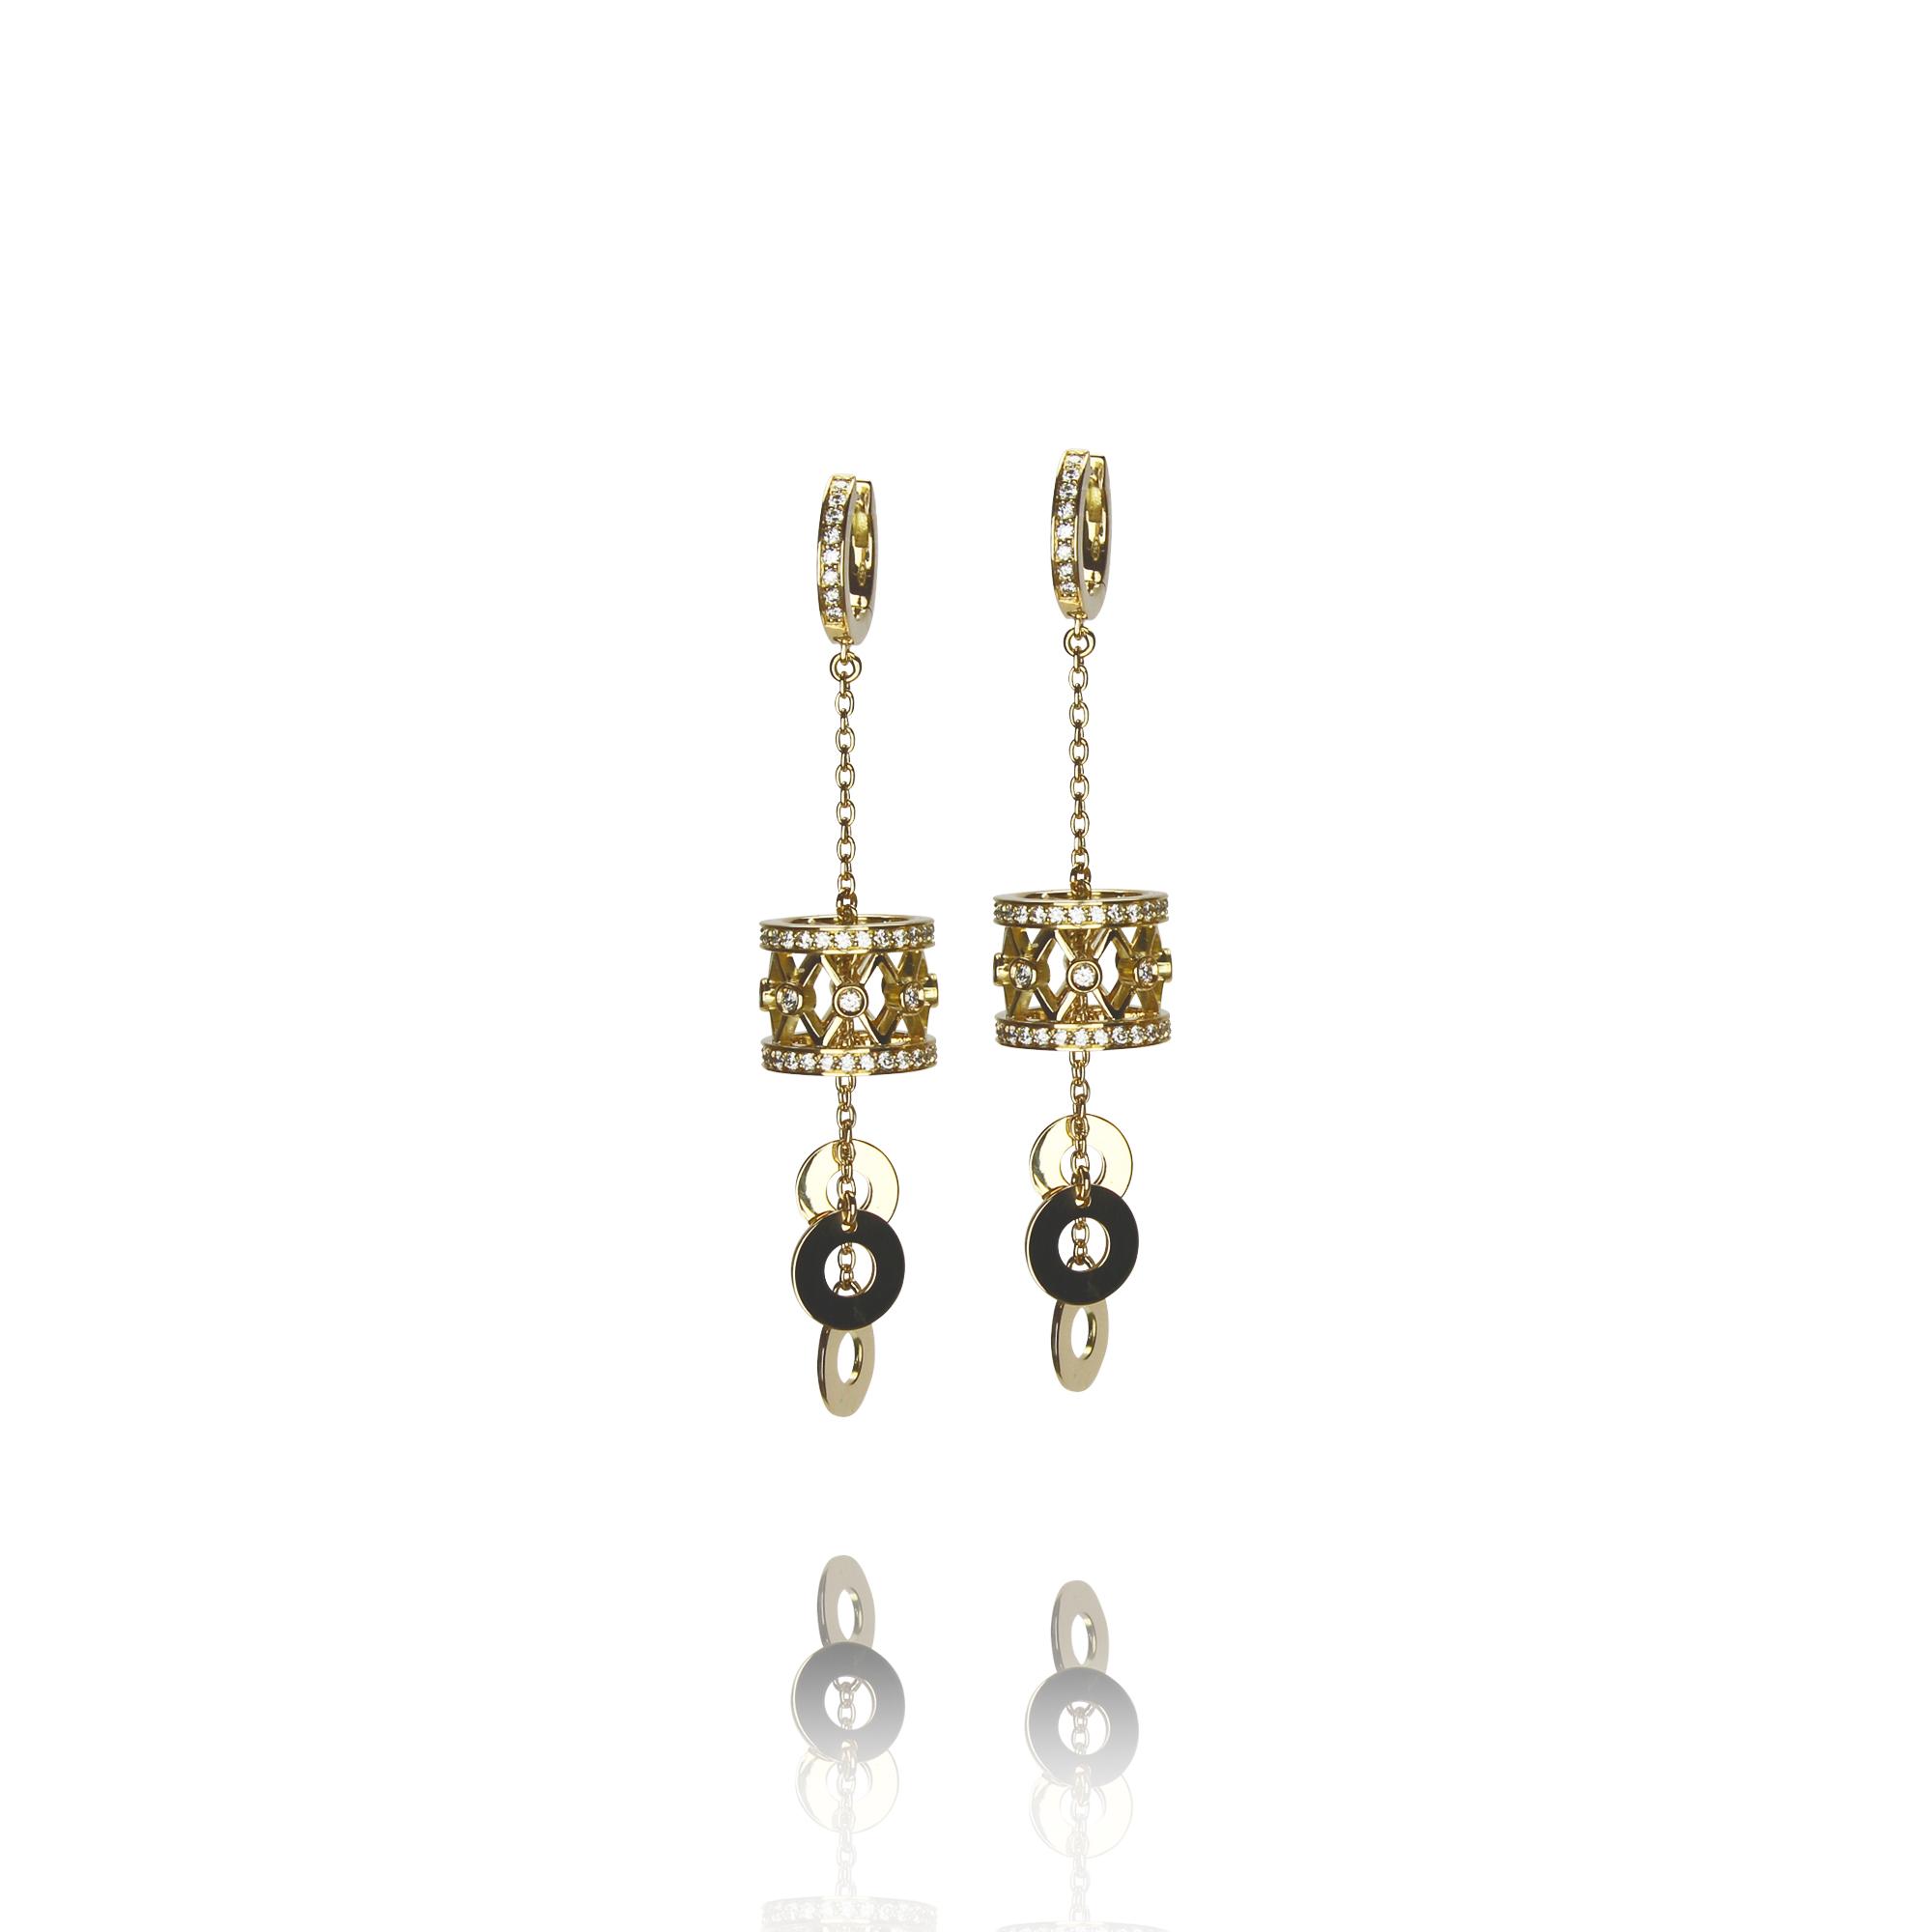 orecchini tamburino in oro giallo 18 carati con diamanti